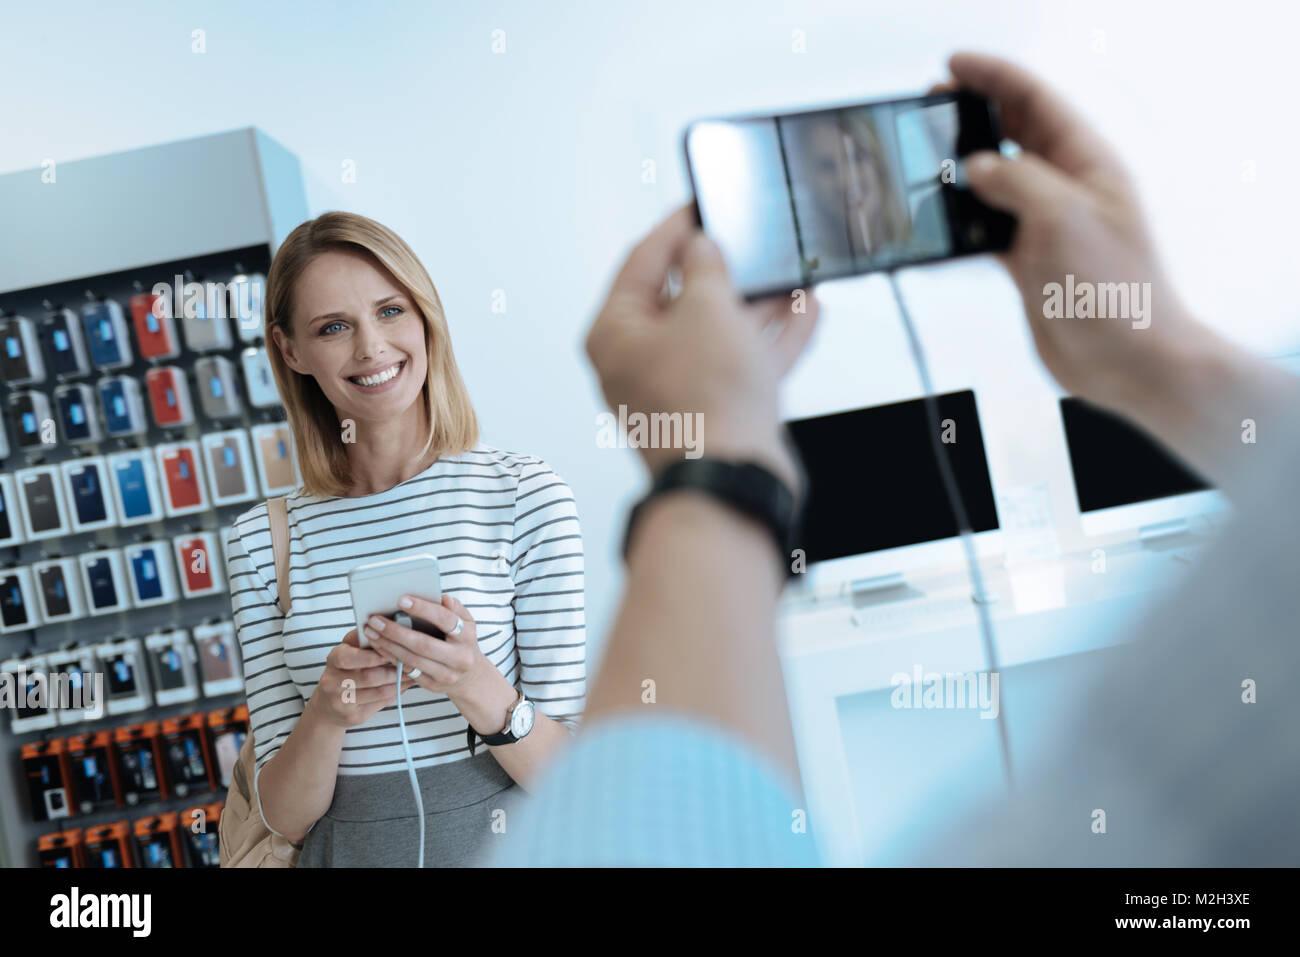 Incredibile bionda dimostrando il suo sorriso Immagini Stock